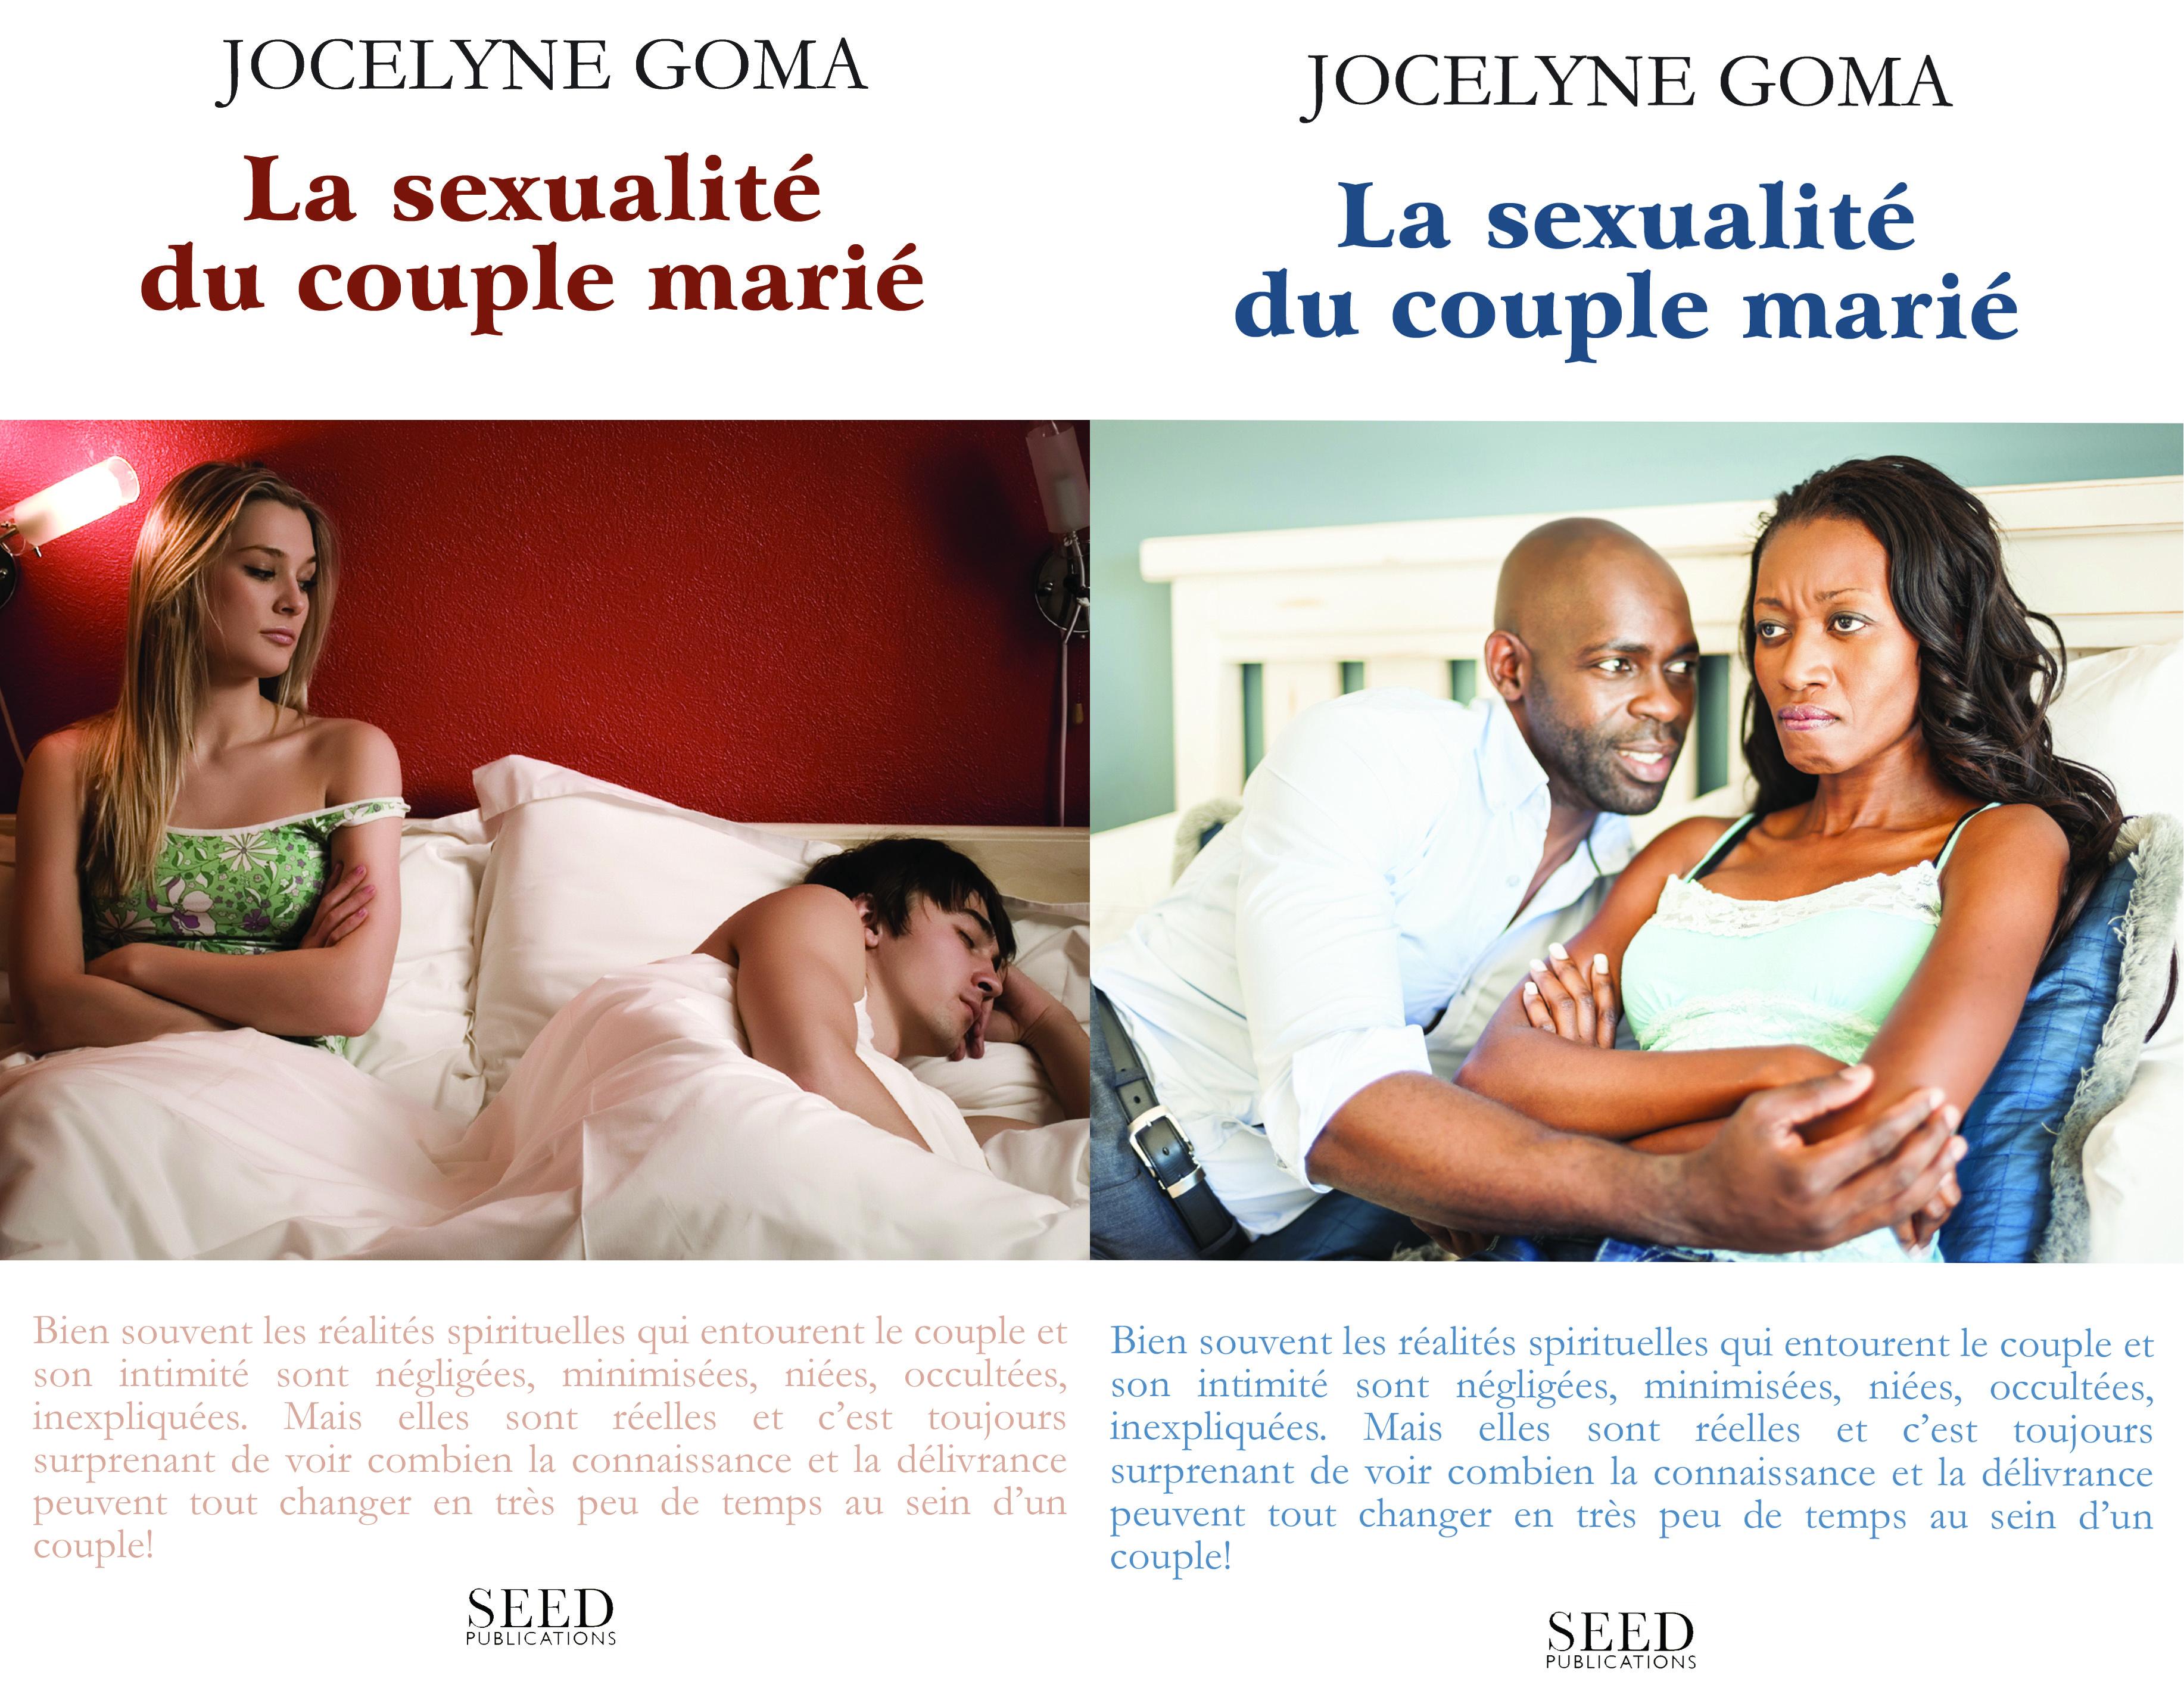 La sexualité du couple marié